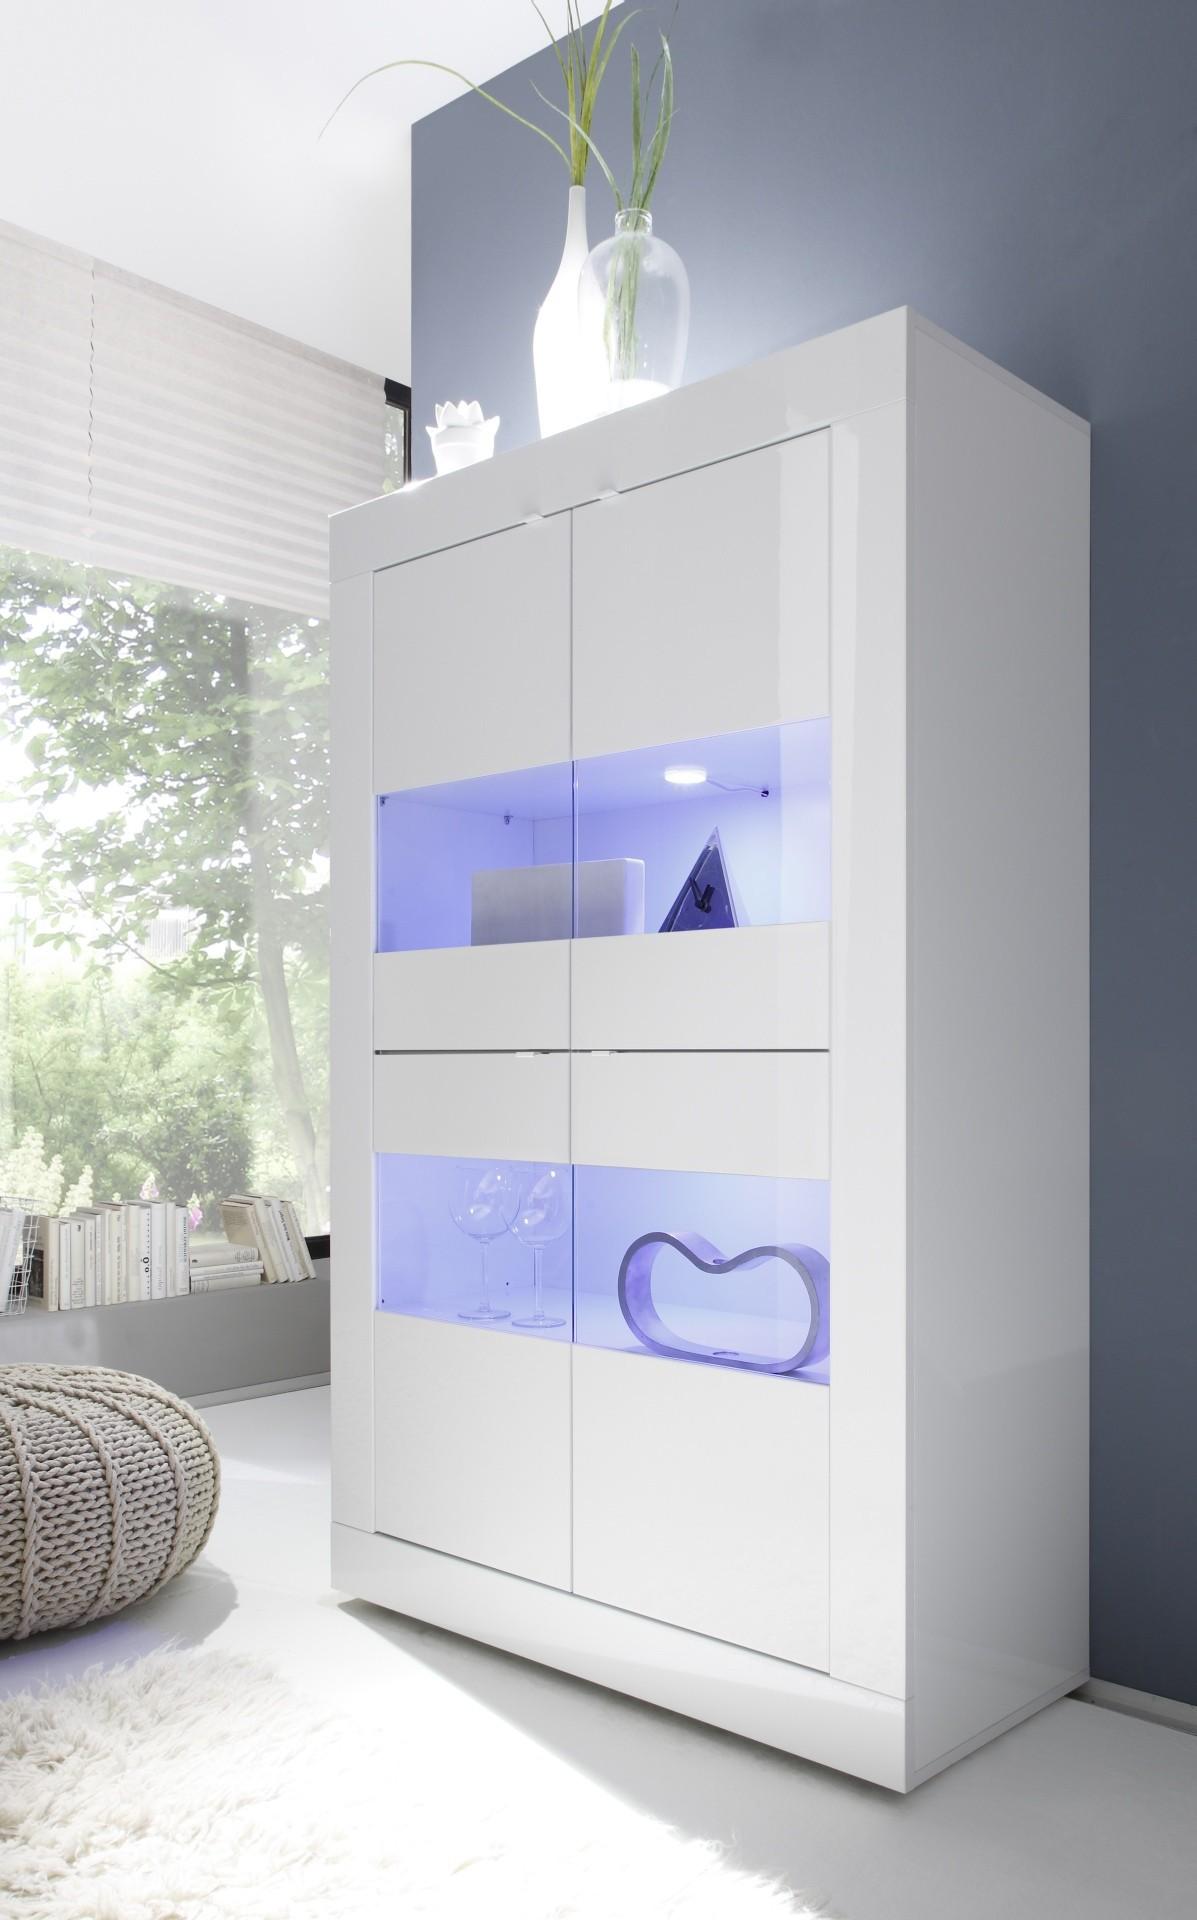 meuble bahut blanc laque maison design. Black Bedroom Furniture Sets. Home Design Ideas